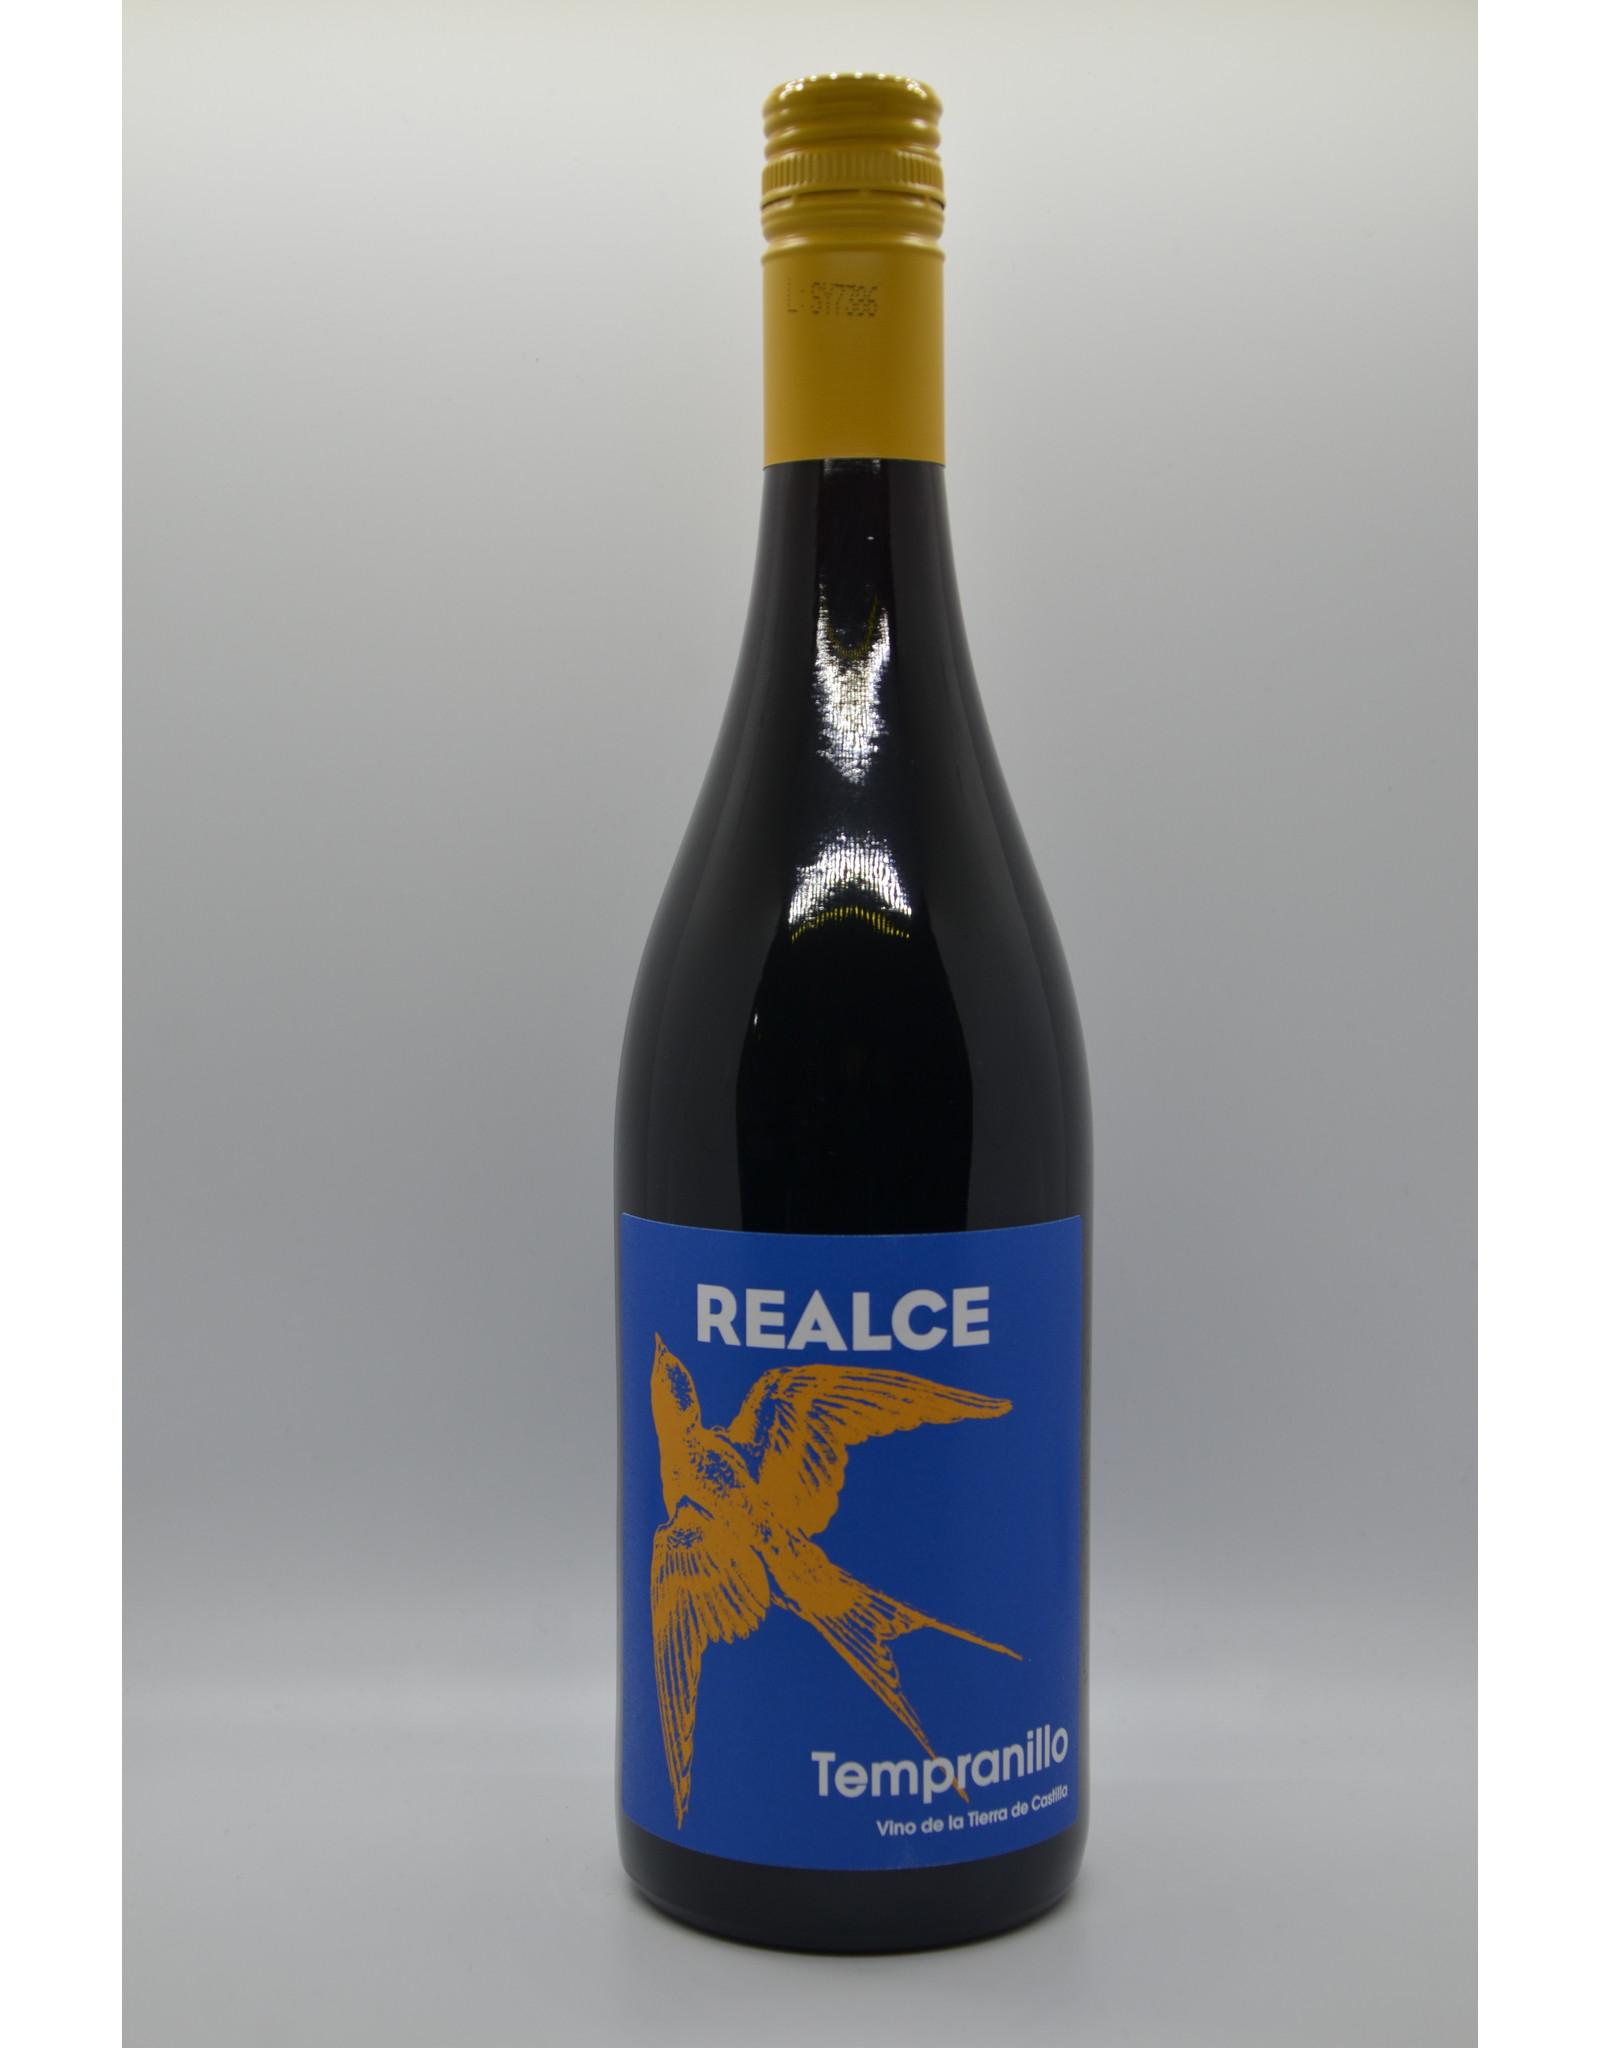 Spain Realce Tempranillo